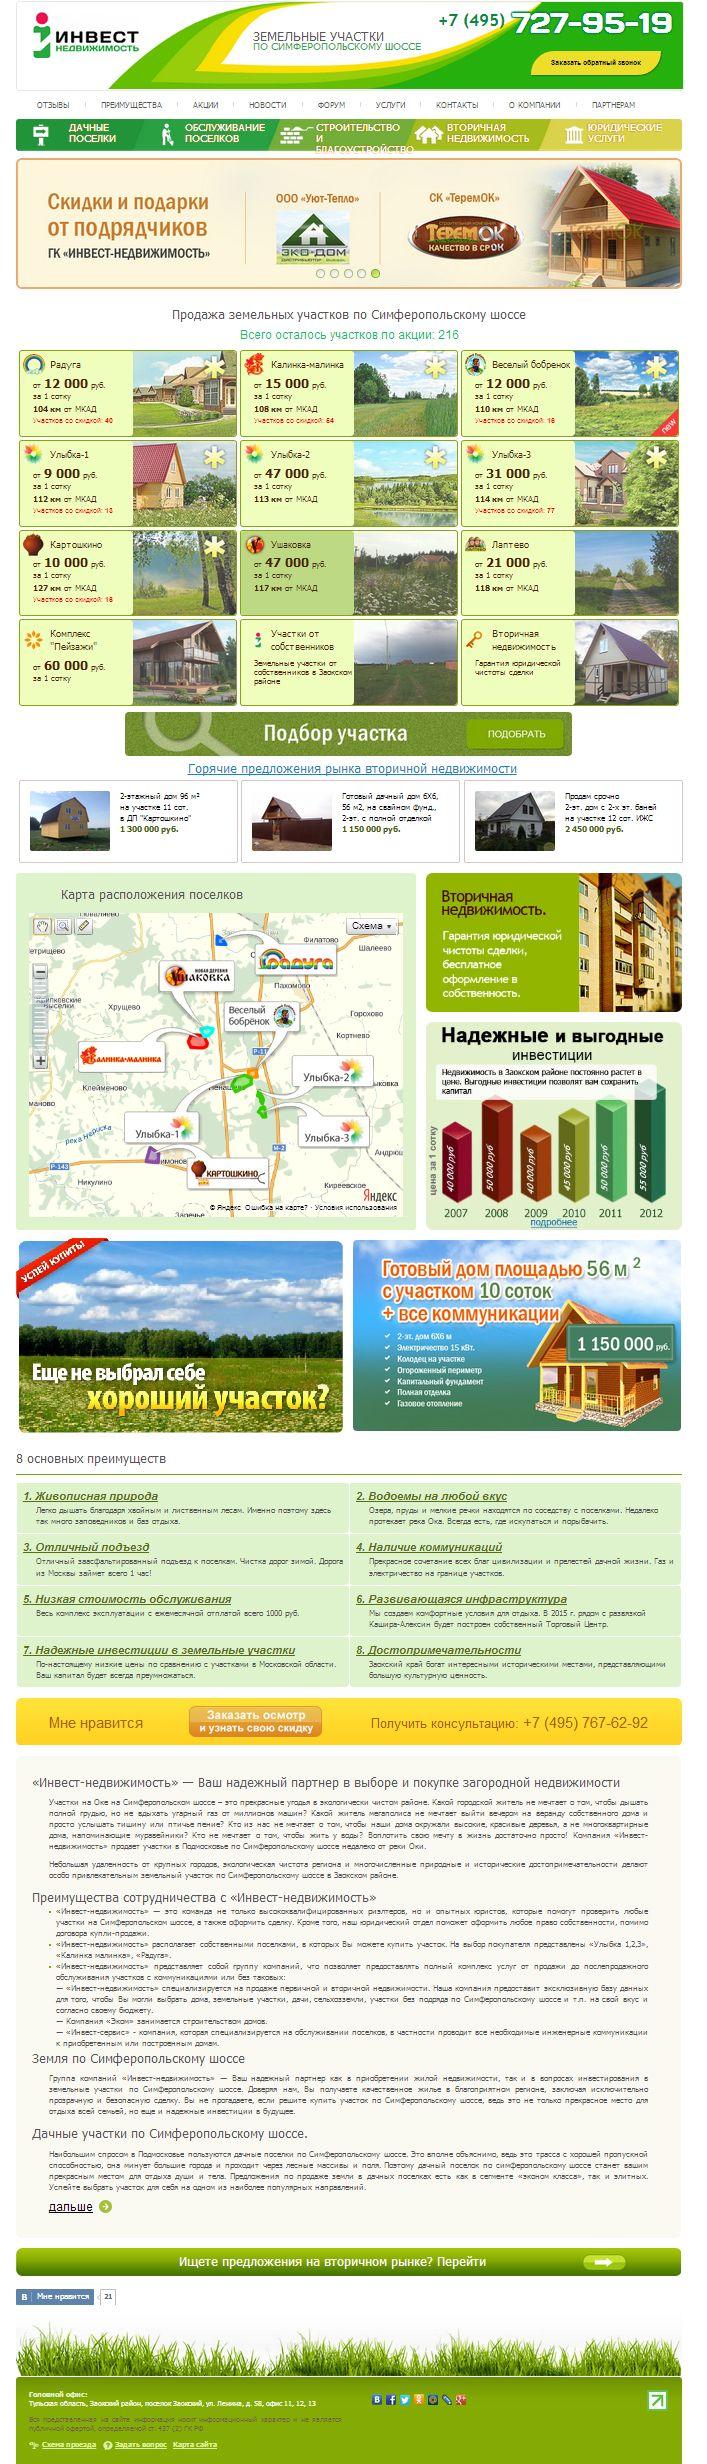 Компания «Инвест-недвижимость»